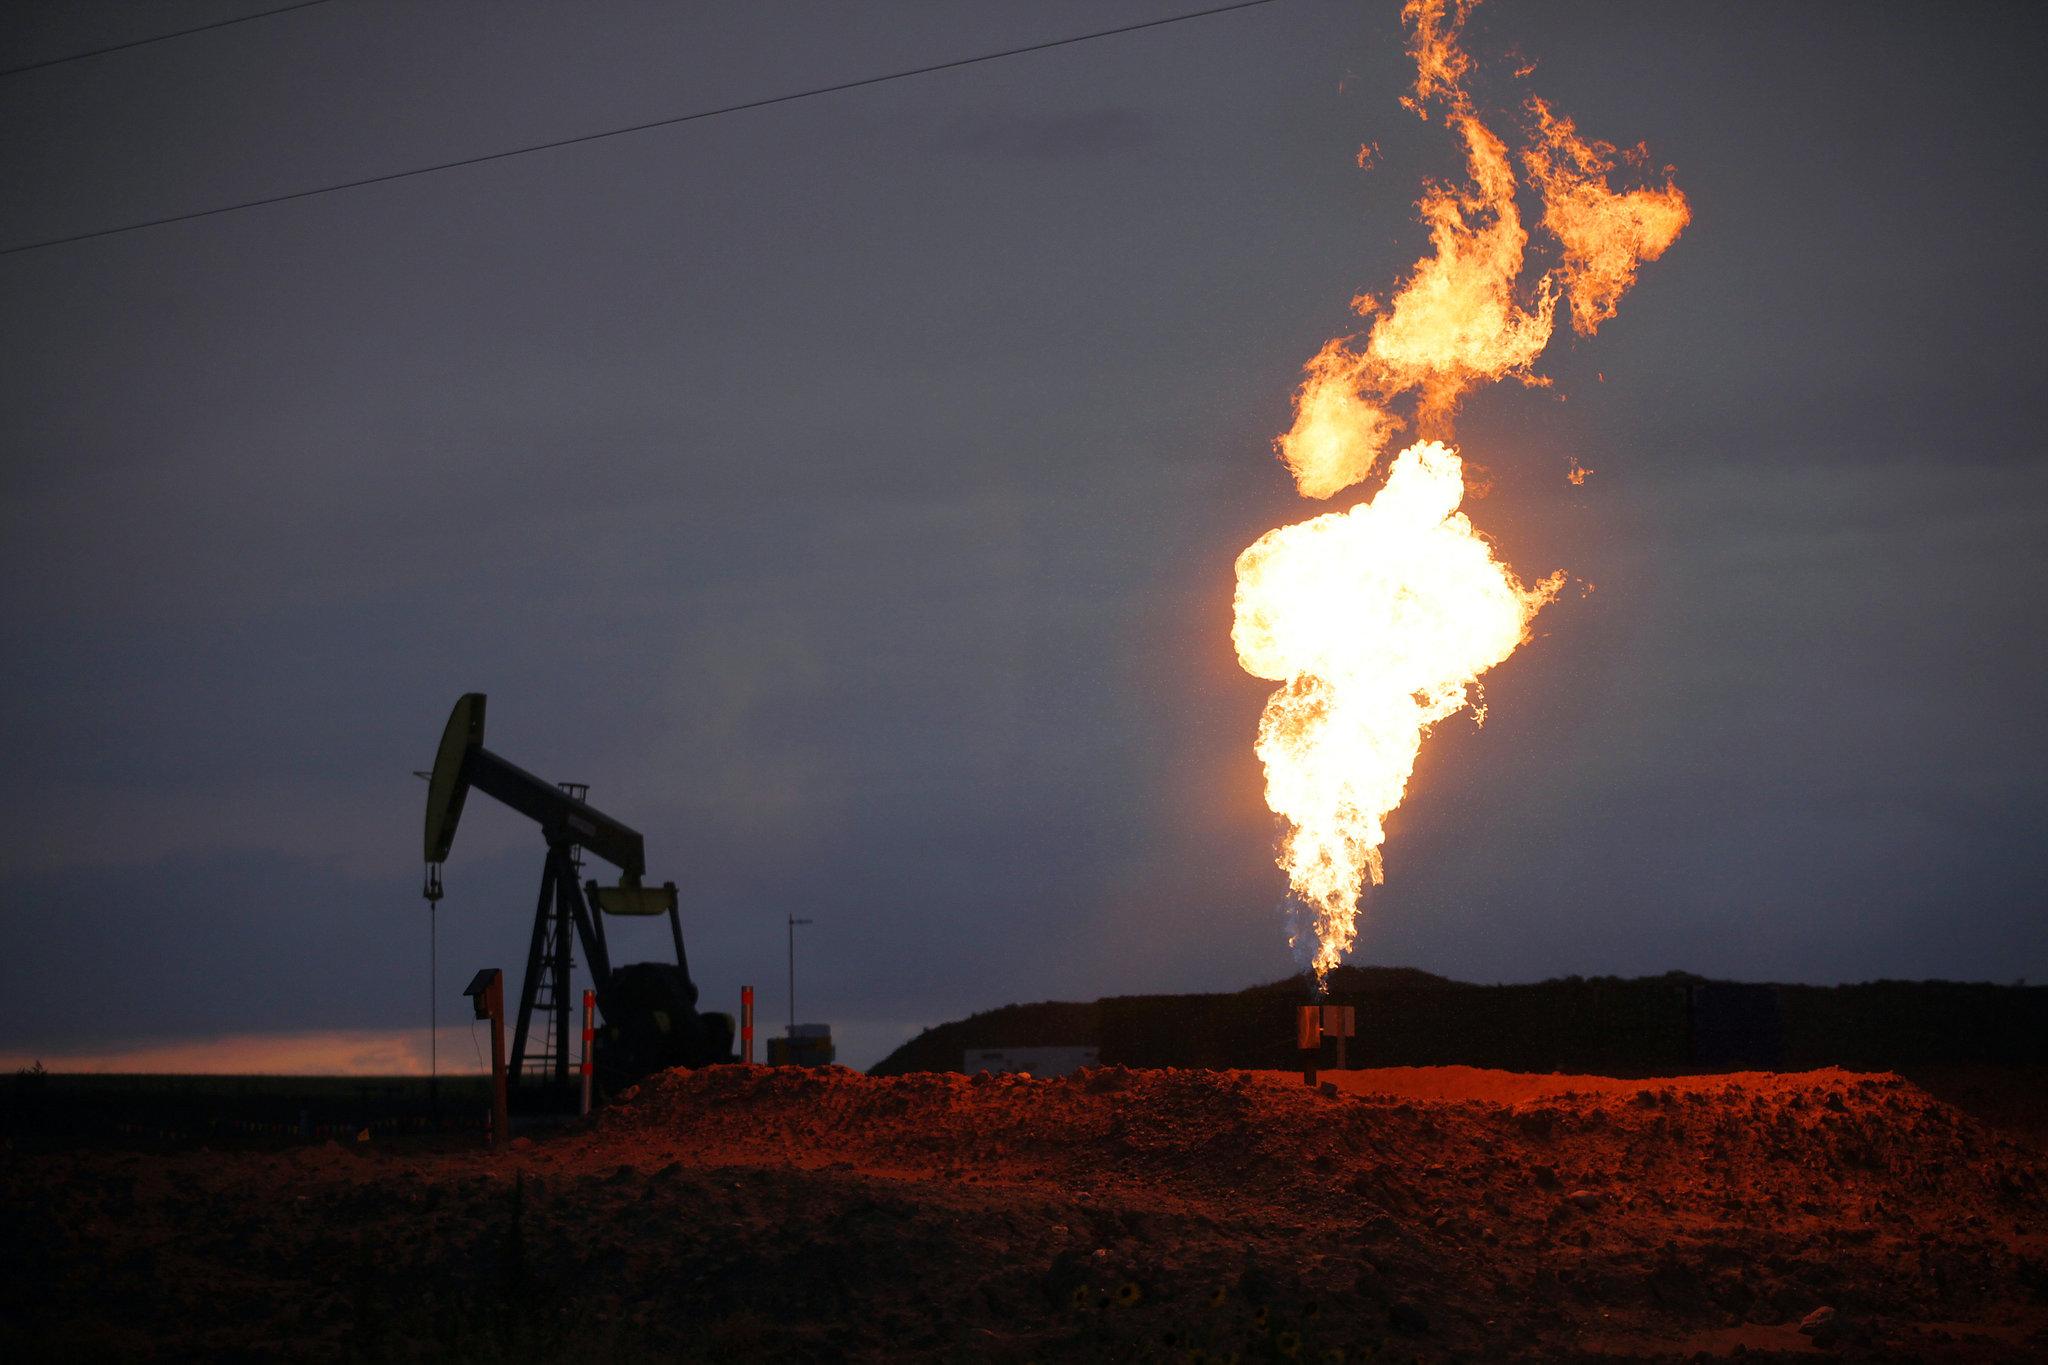 Giá gas hôm nay 7/8: Nhu cầu tăng cao, giá gas tiếp tục đà tăng trưởng - Ảnh 1.